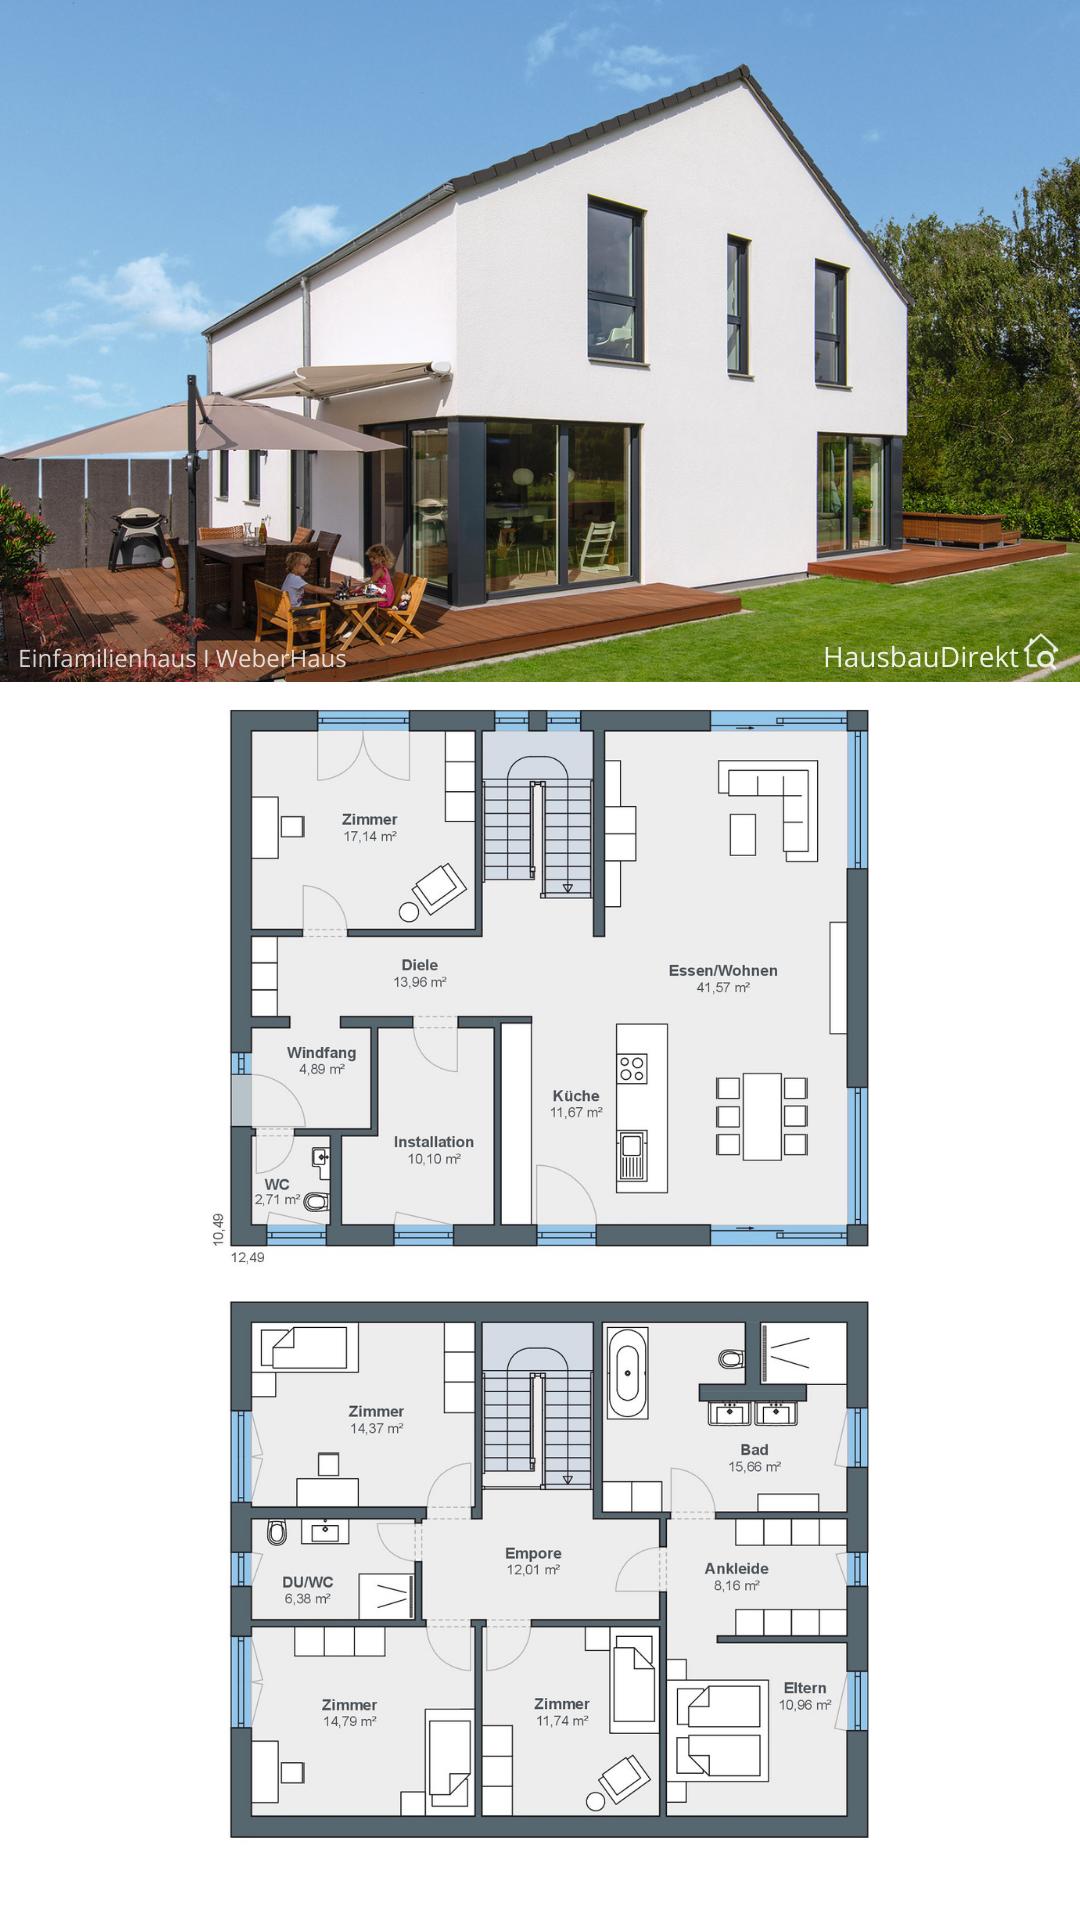 Großes Einfamilienhaus modern mit offenem Haus Grundriss & Satteldach 200 qm 6 Zimmer Fertighaus